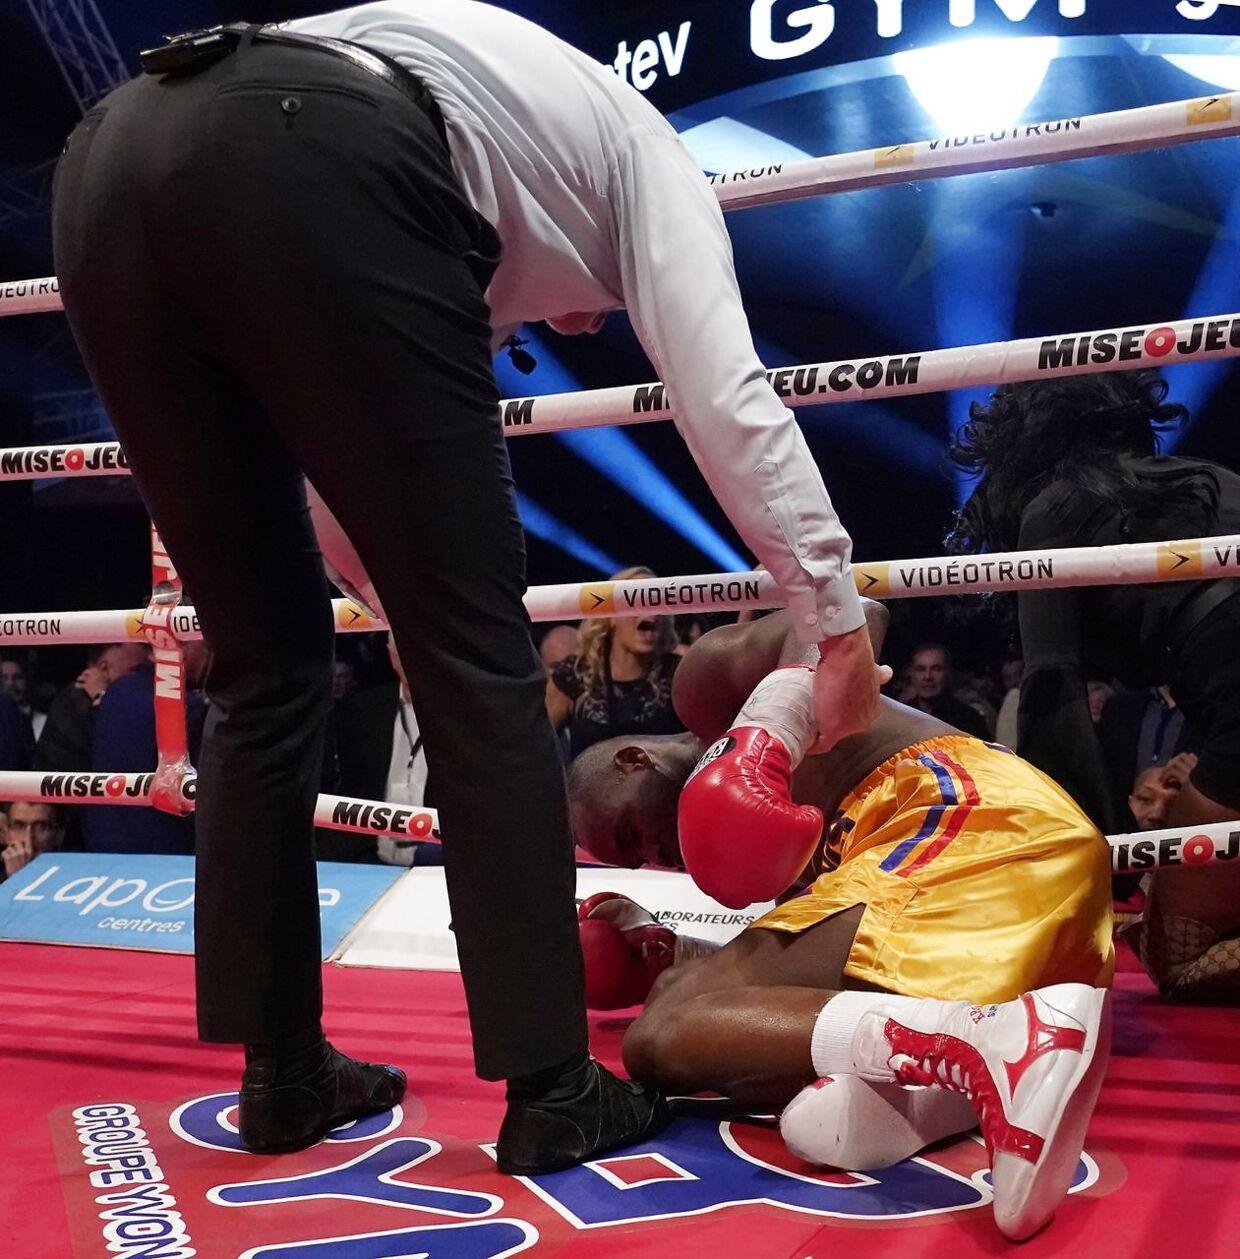 Adonis Stevenson ligger næsten bevidstløs i gulvet. (Mathieu Belanger/Getty Images/AFP)